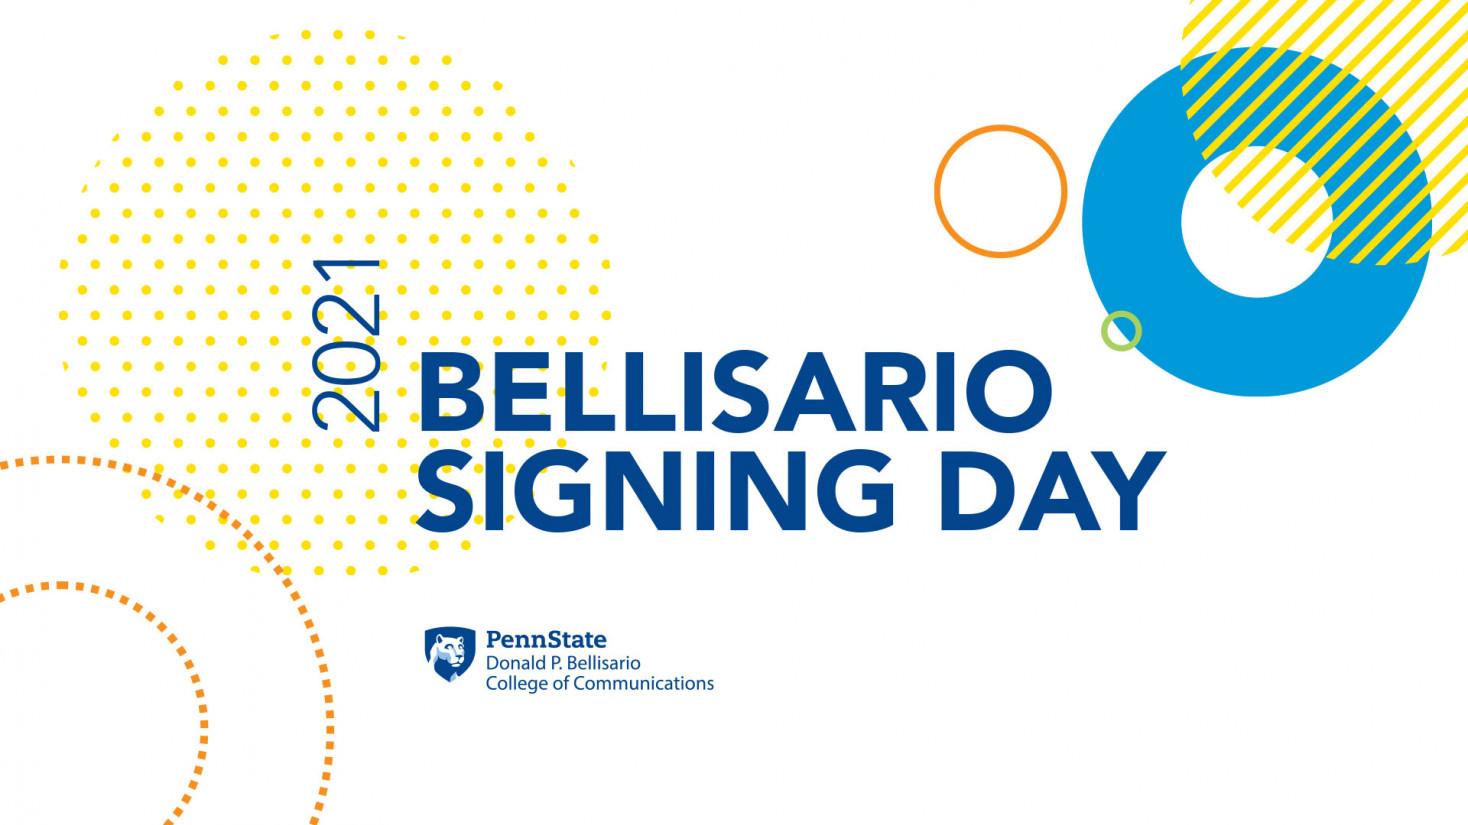 Signing Day logo